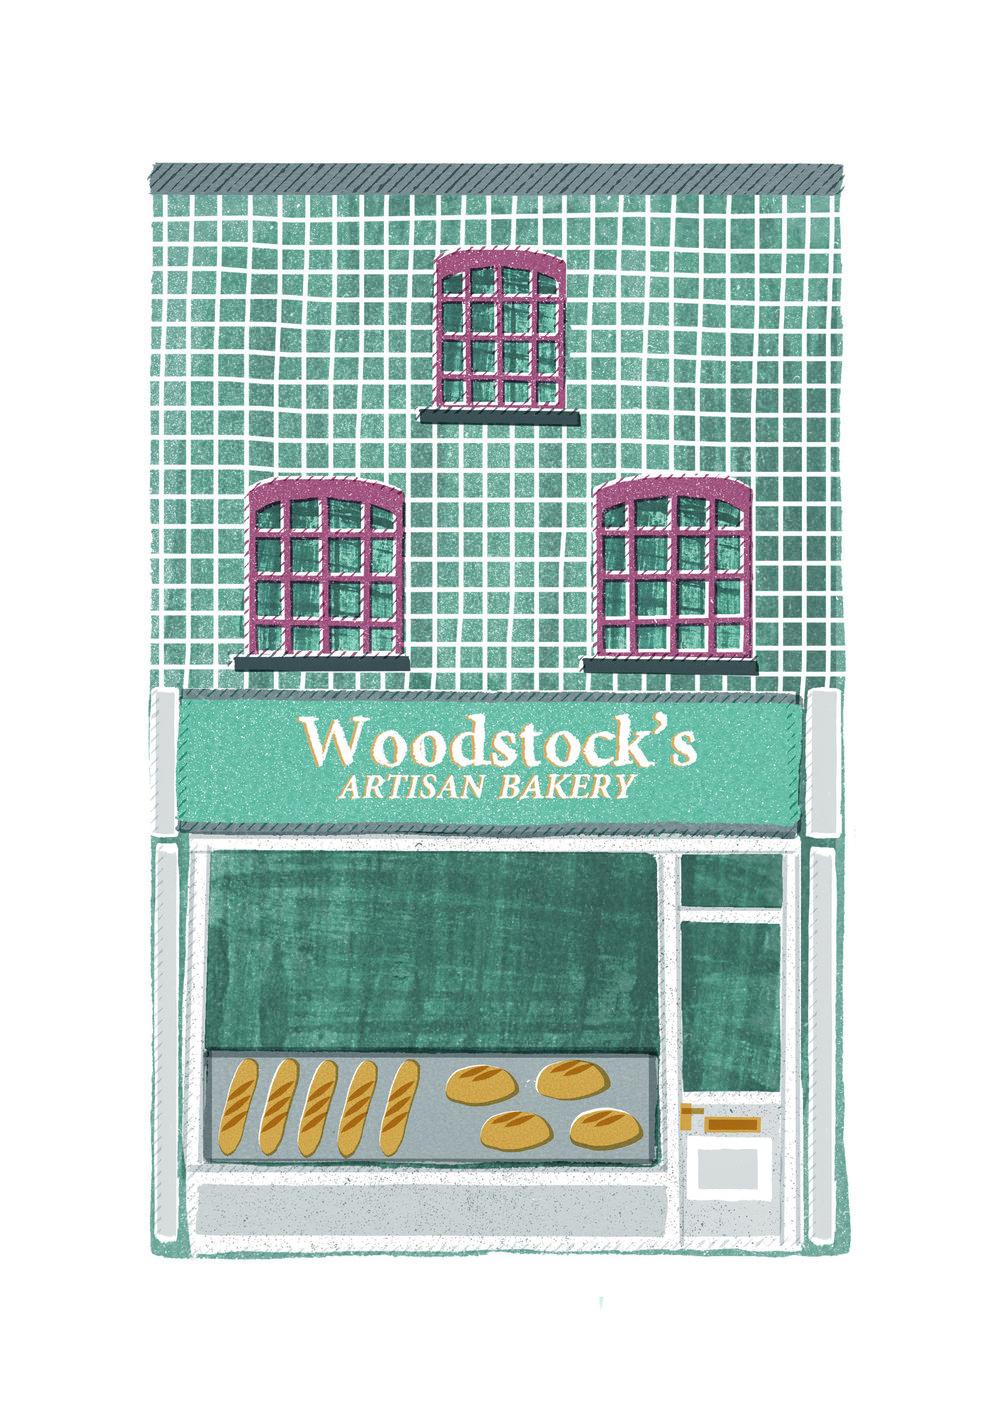 Woodstocks Artisan Bakery.jpg